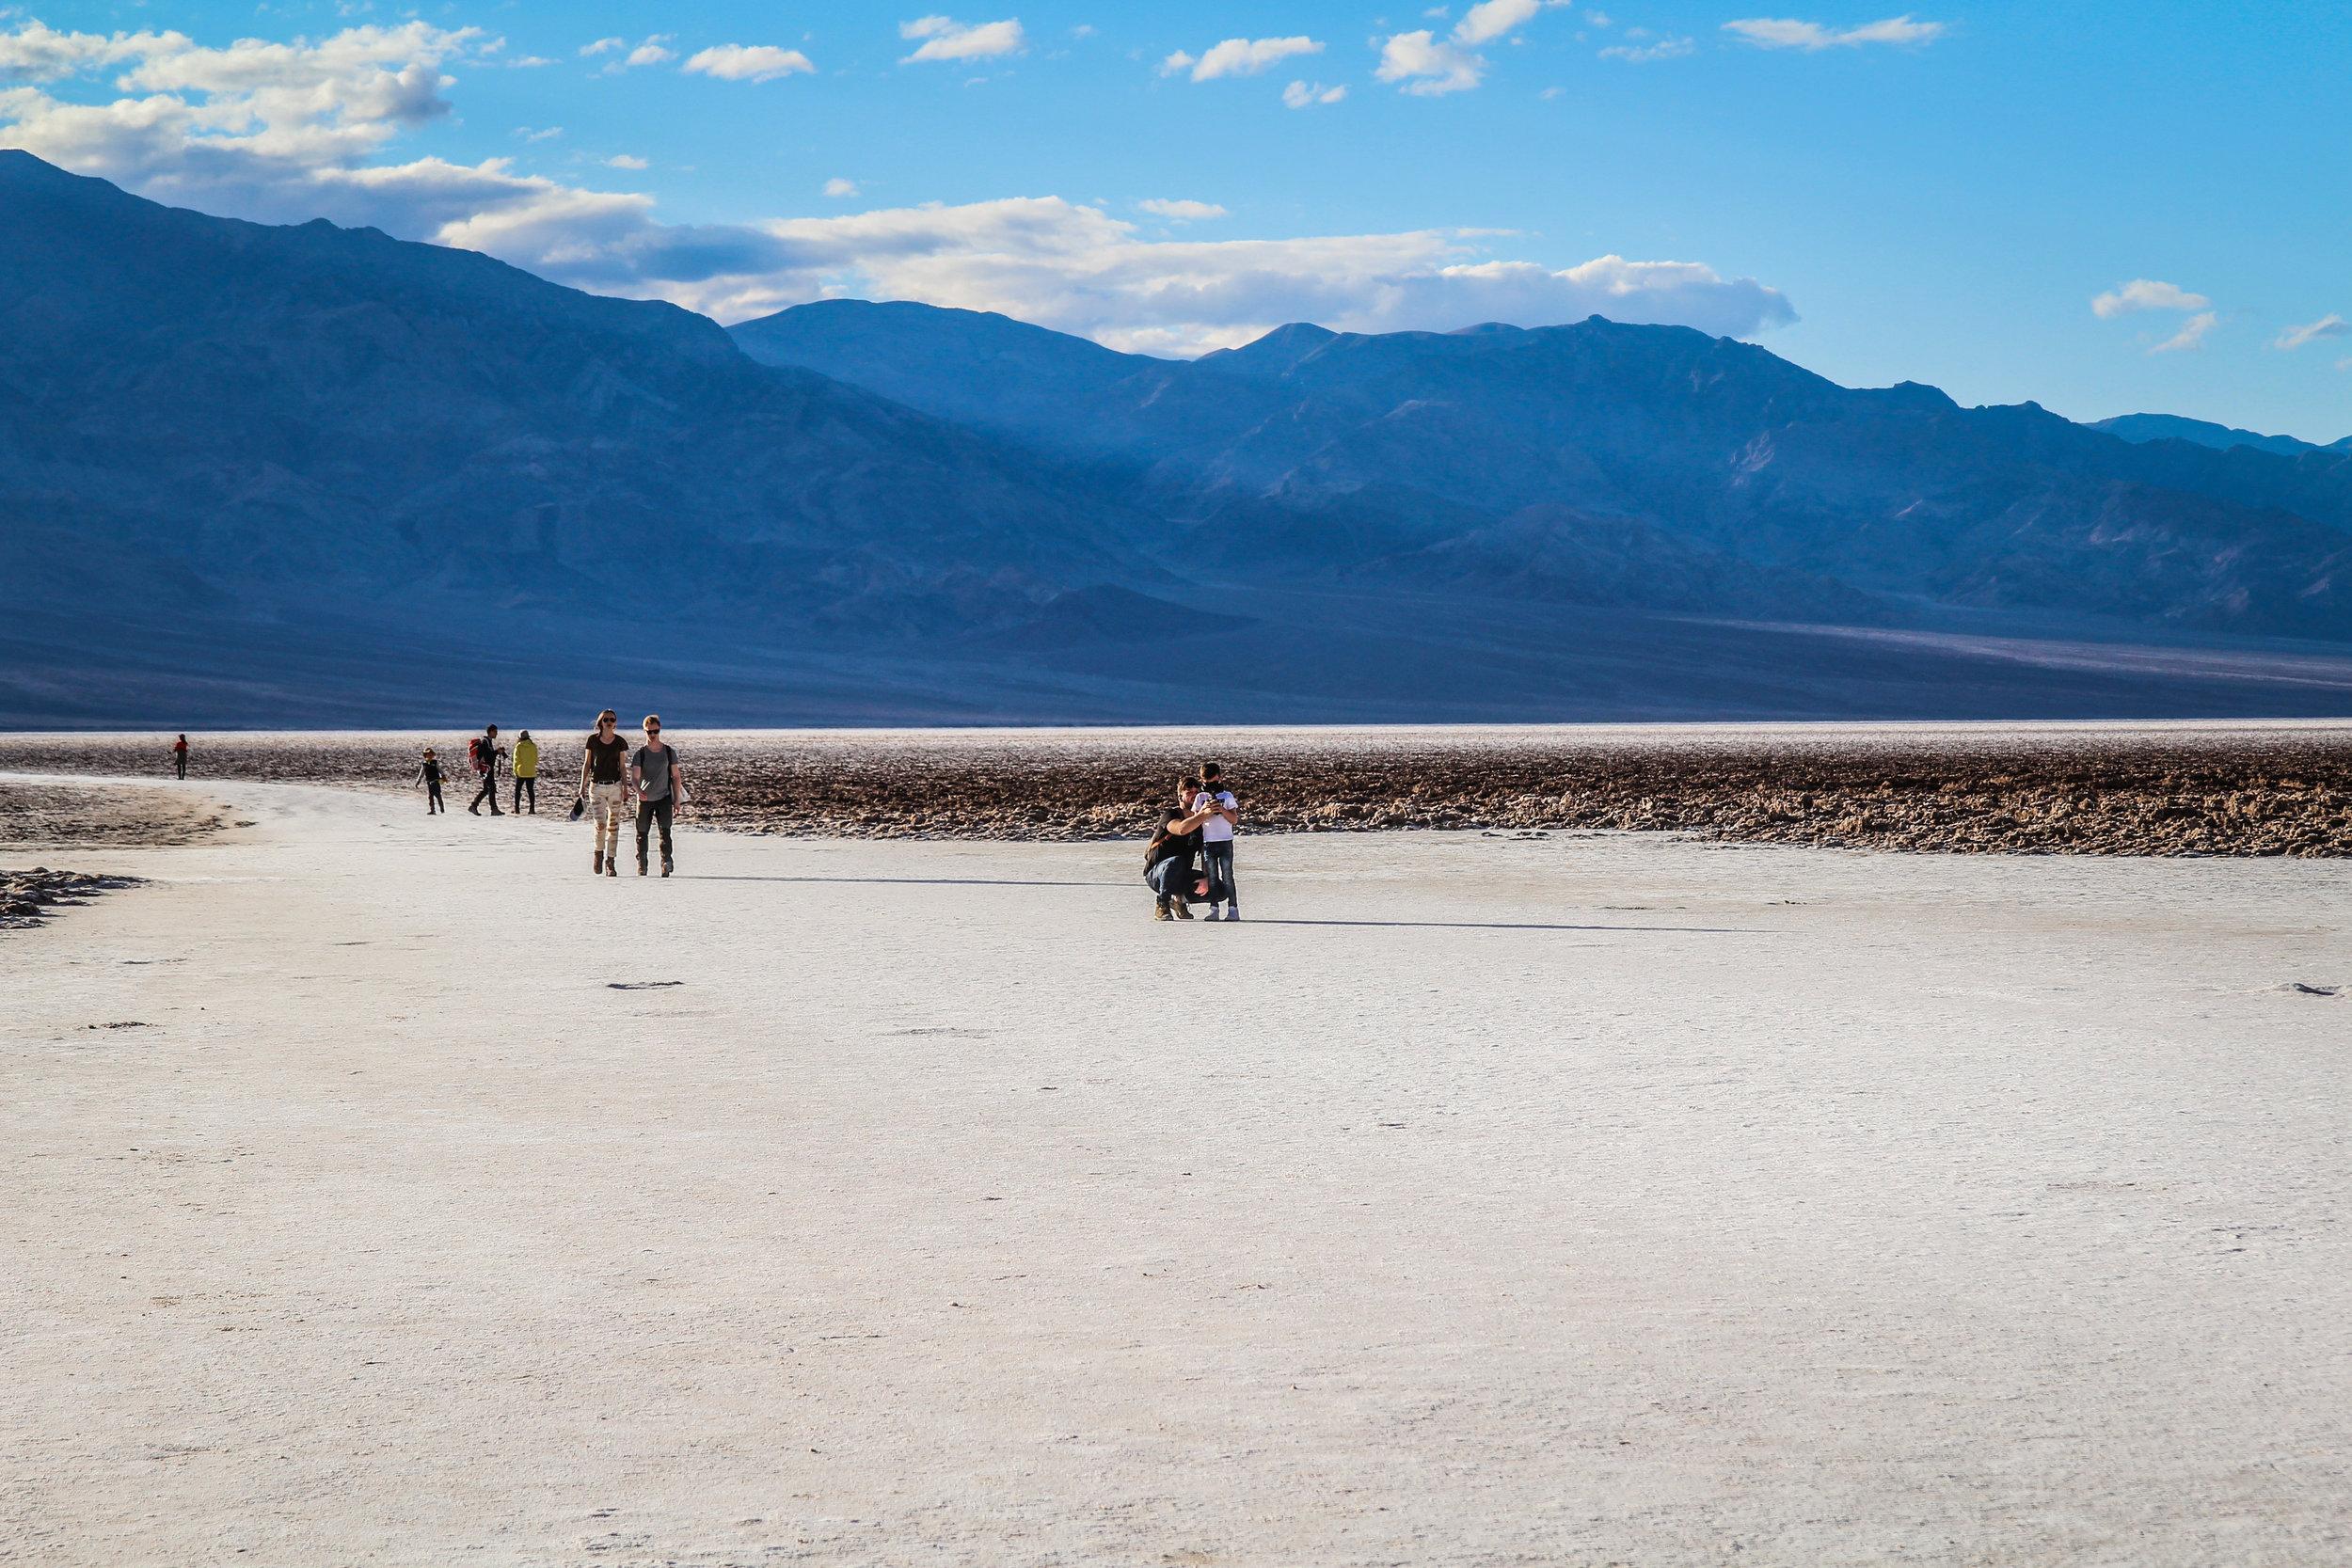 Death Valley_Badwater_zabriskie point-7.JPG